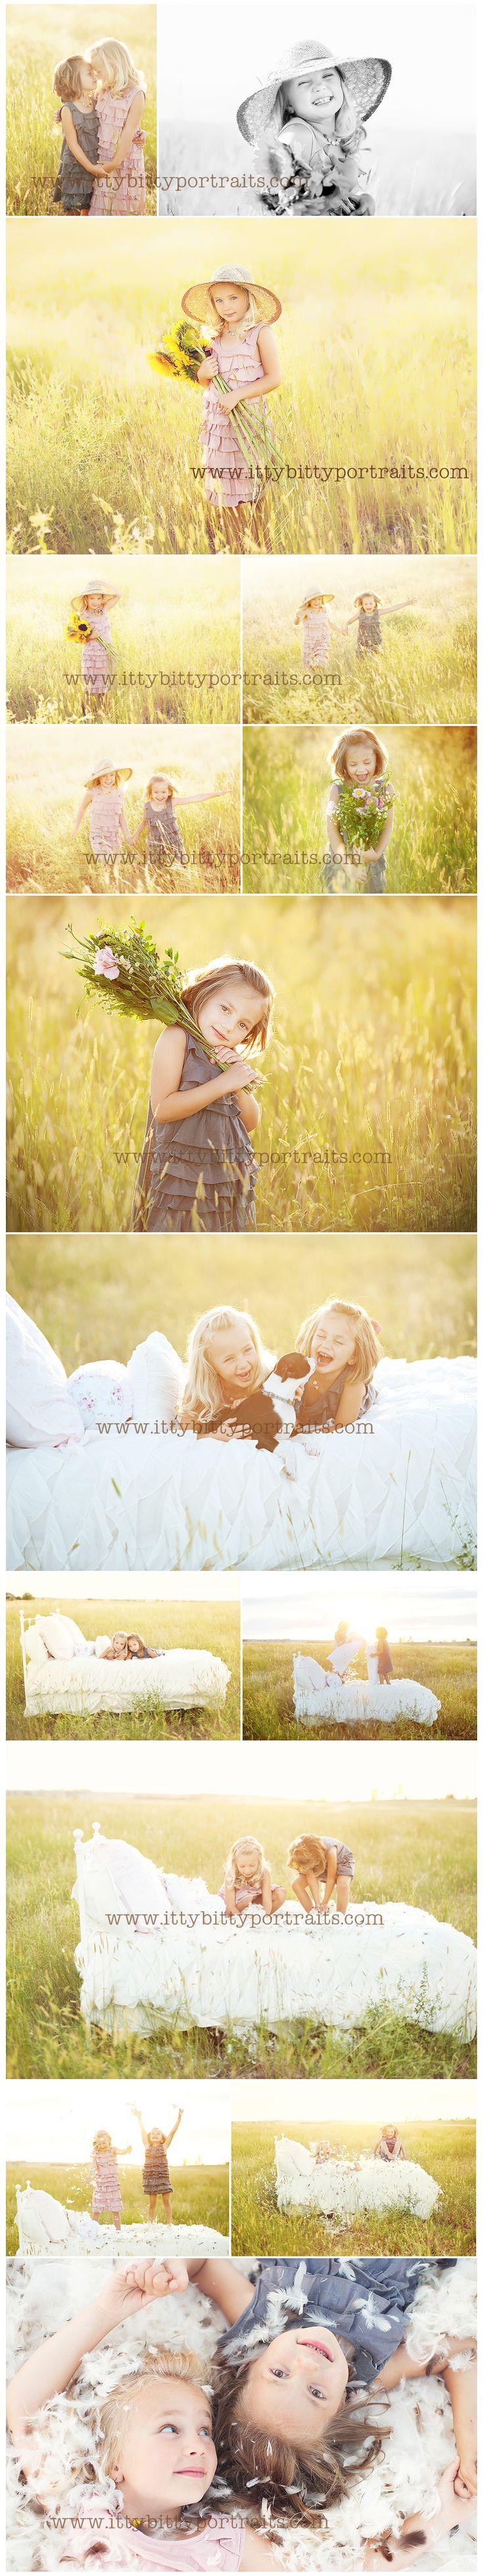 Tus hijos, un entorno bucólico y la luz del atardecer #ideas #fotografia #primavera